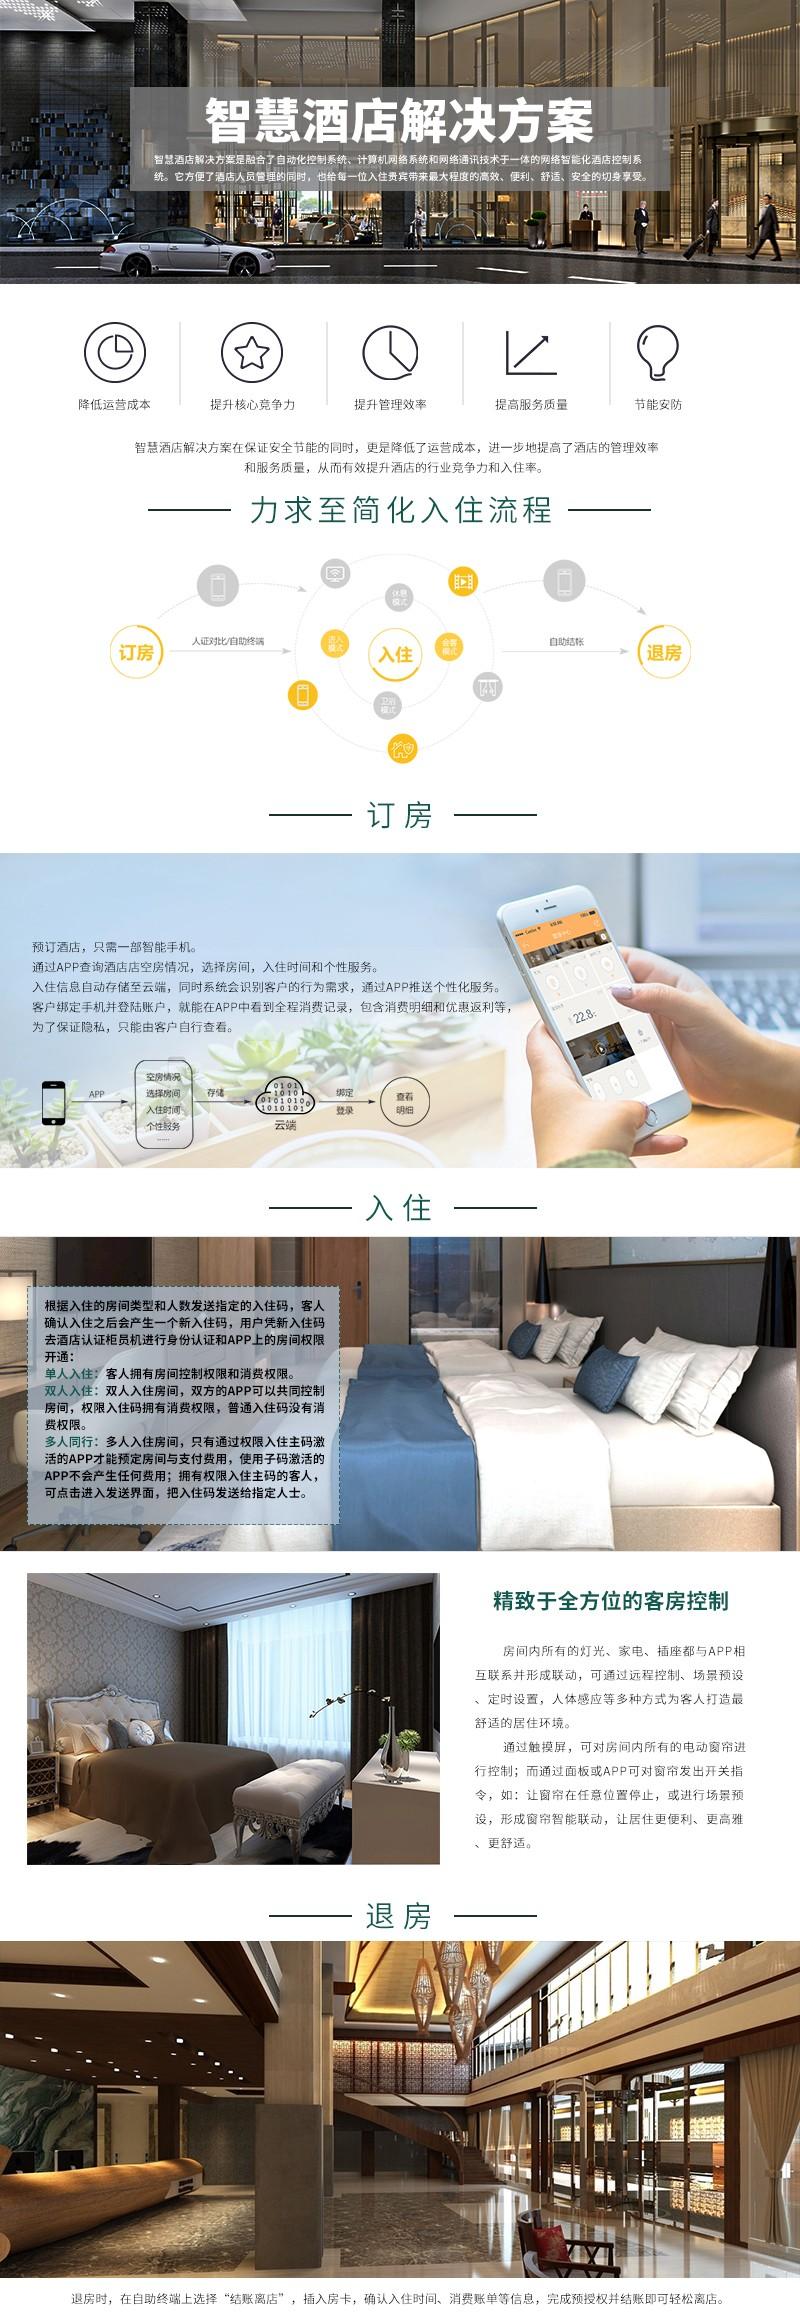 智慧酒店.jpg